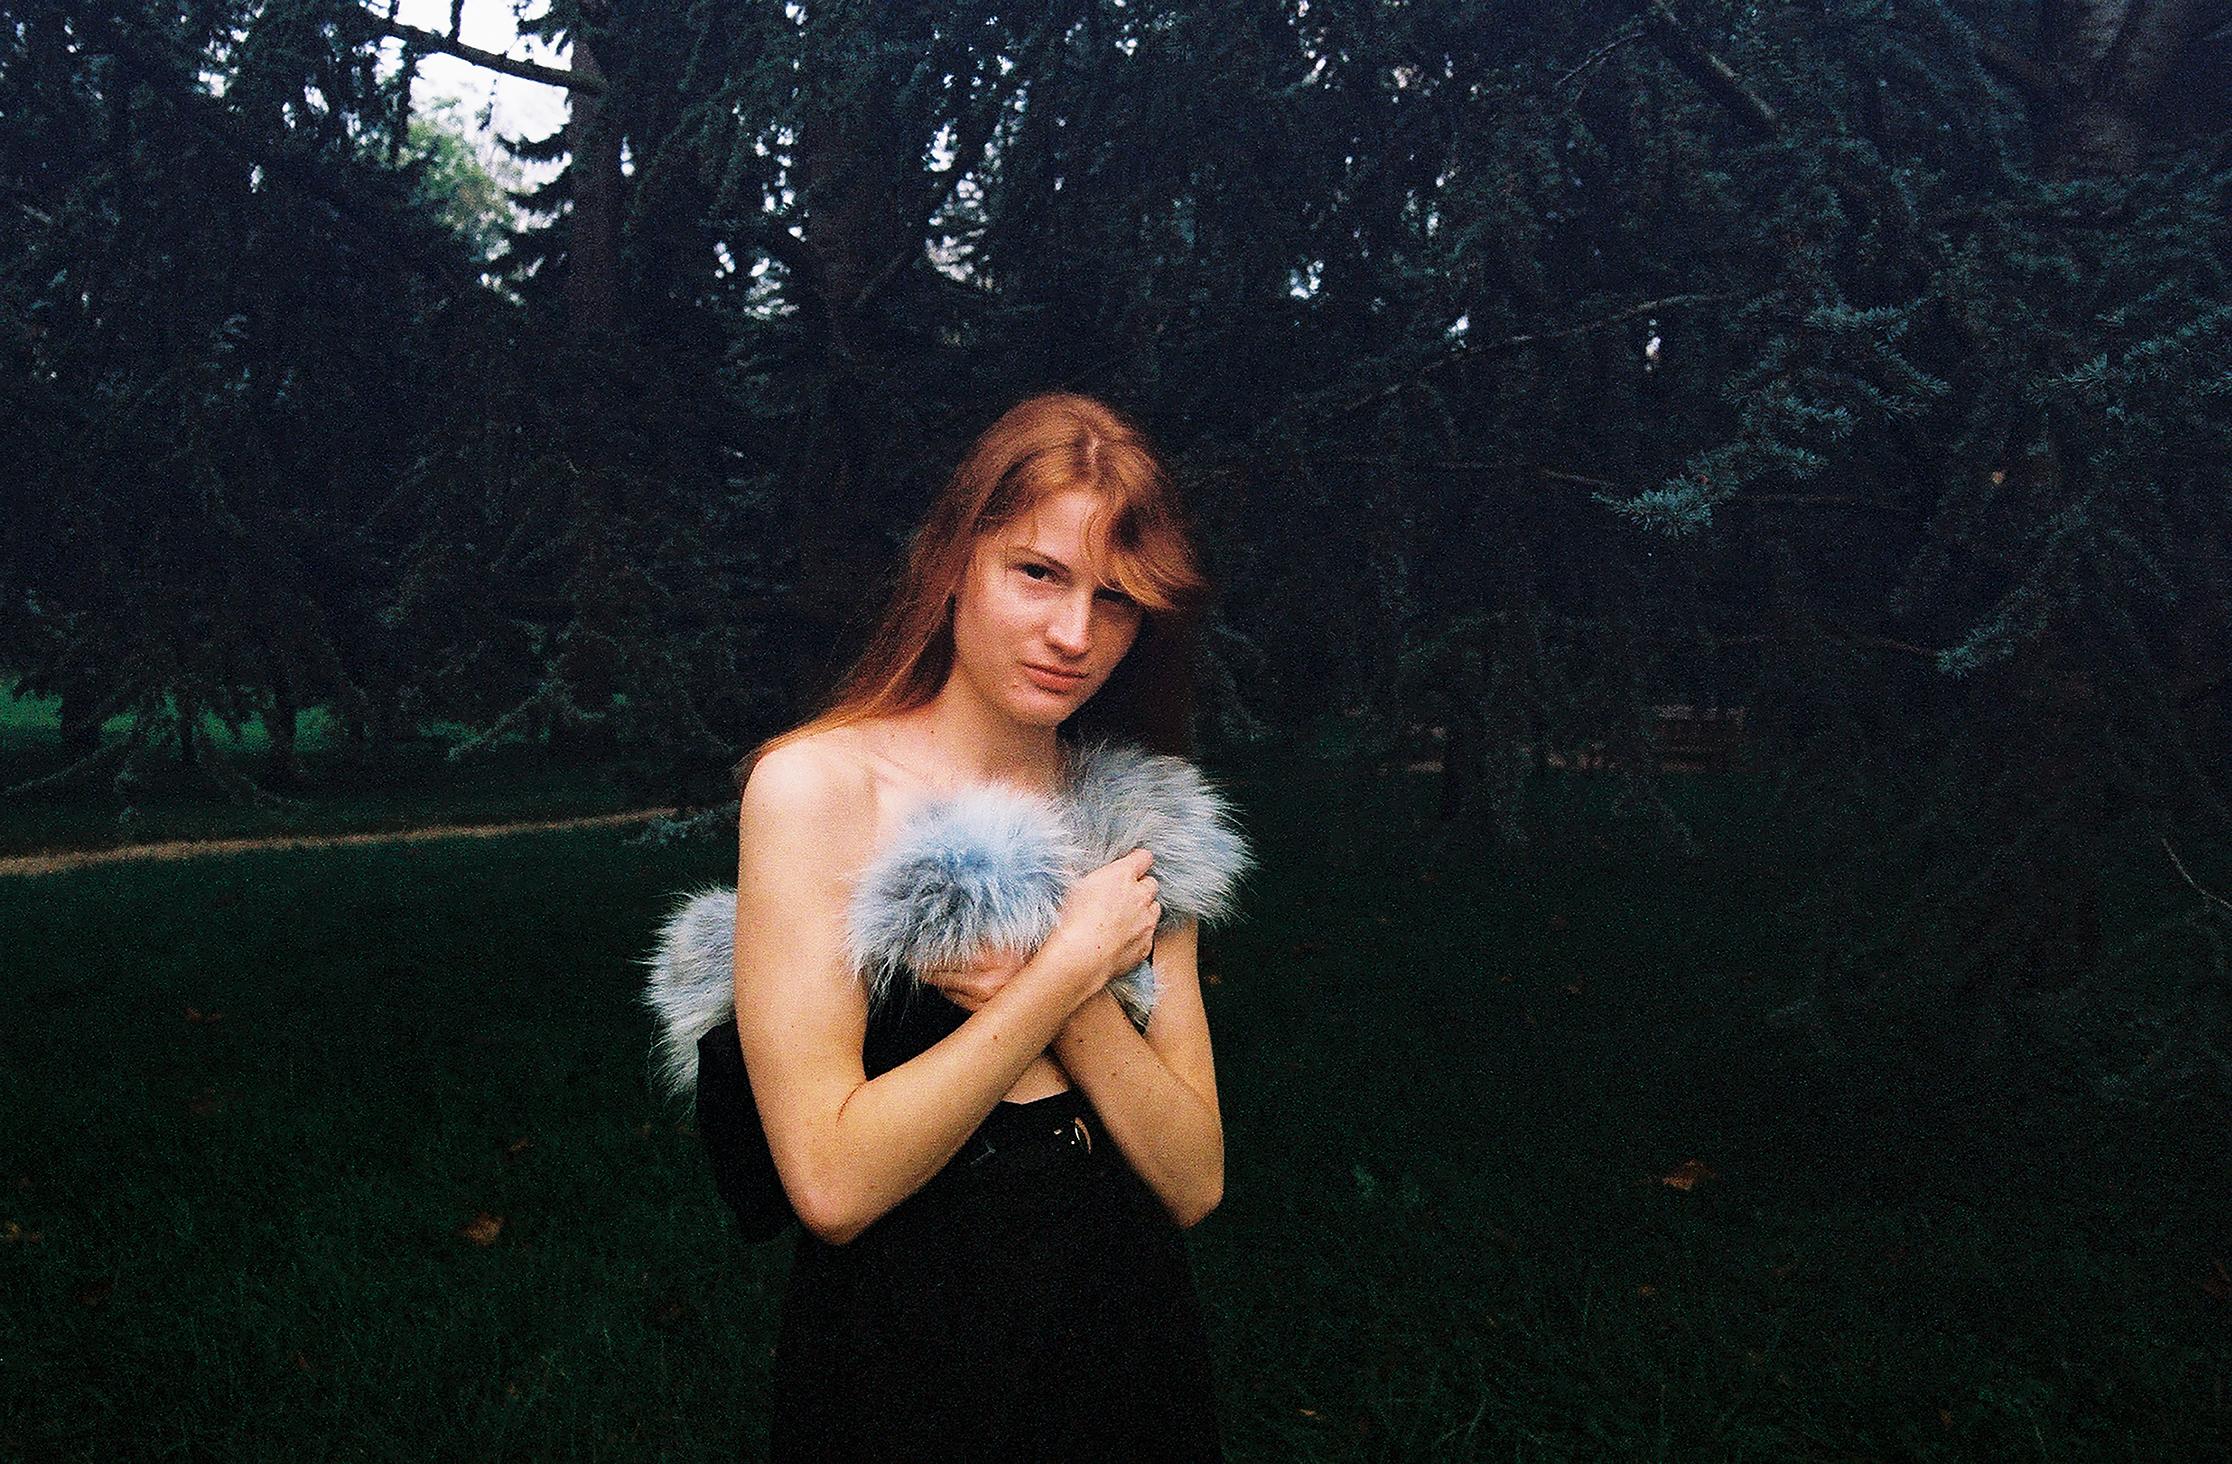 Manon_08.jpg